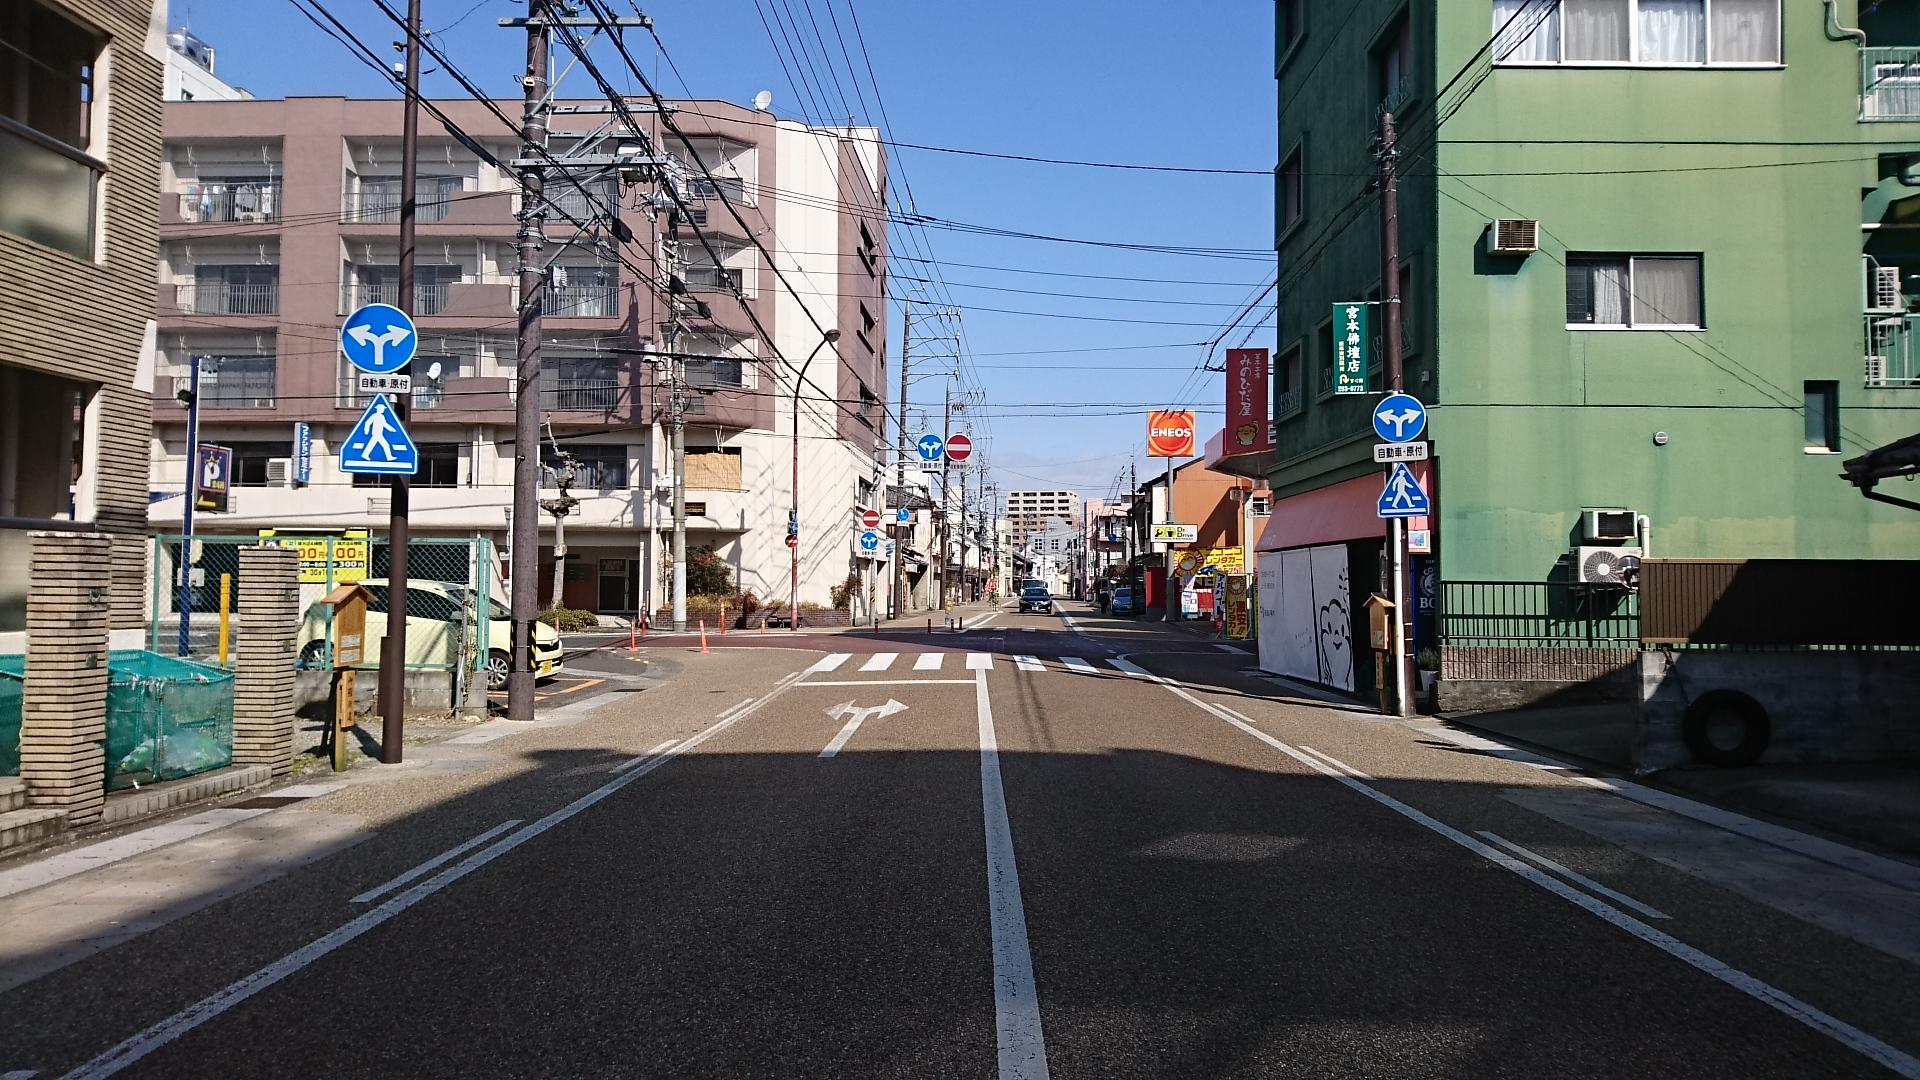 2018.2.19 岐阜 (133) エネオス交差点 1920-1080